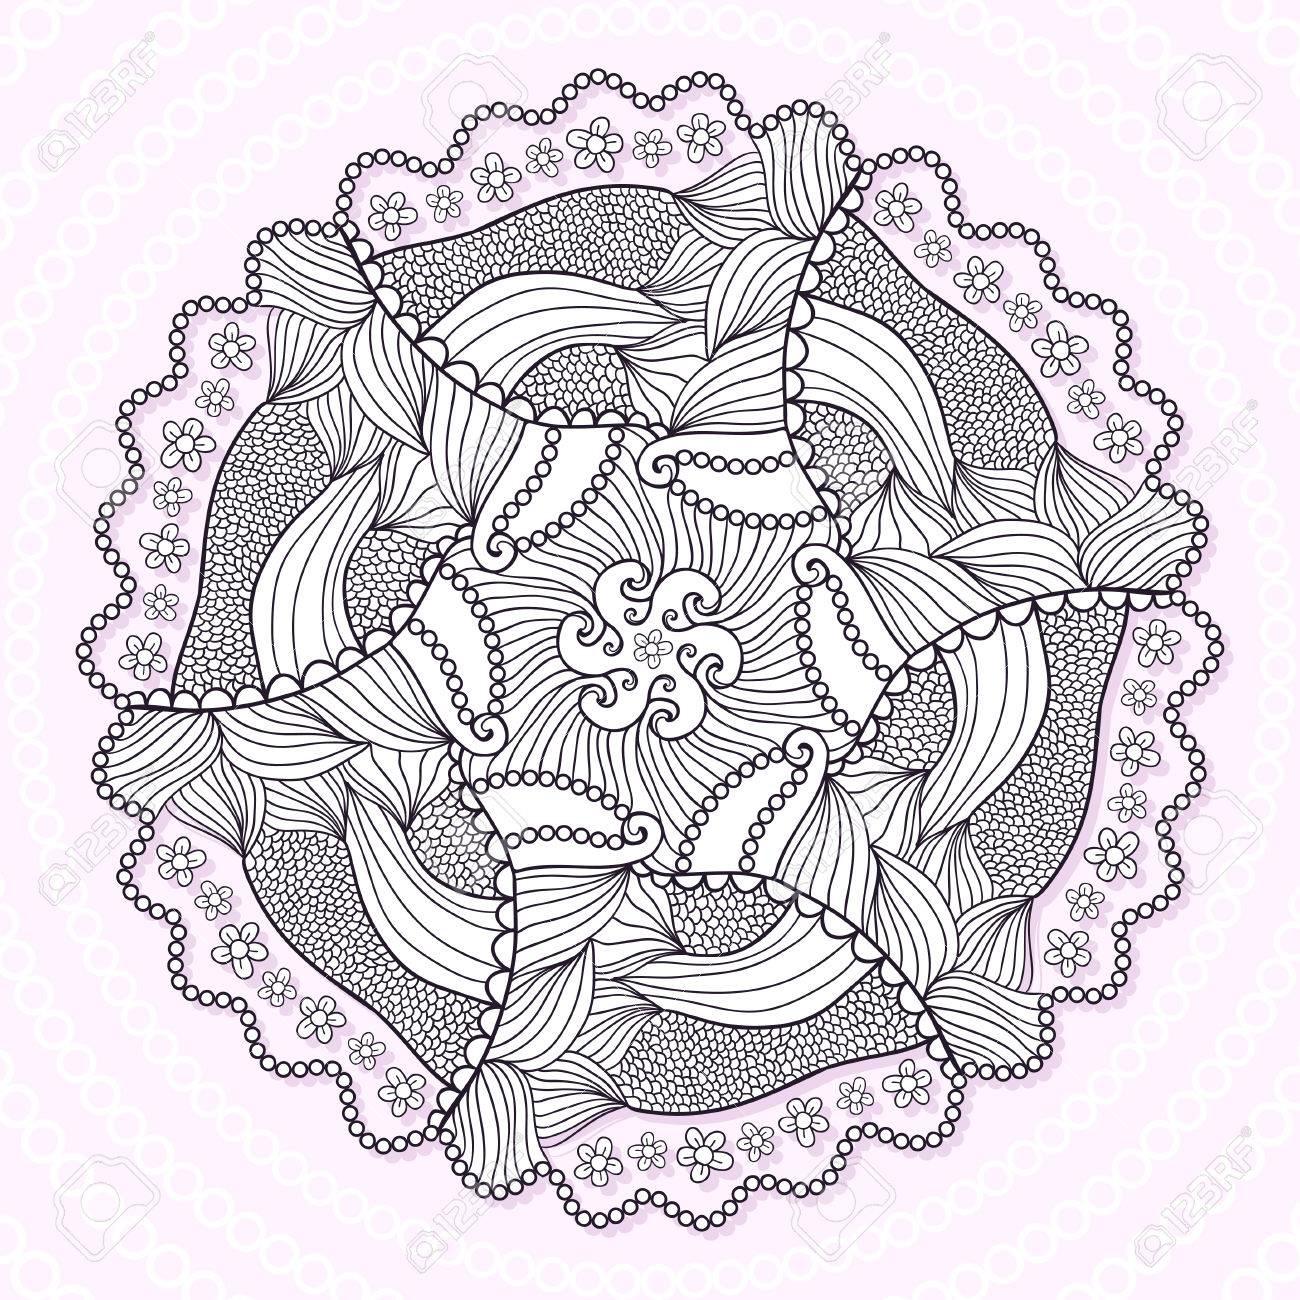 Excepcional Círculo Tiempo Para Colorear Ilustración - Dibujos Para ...